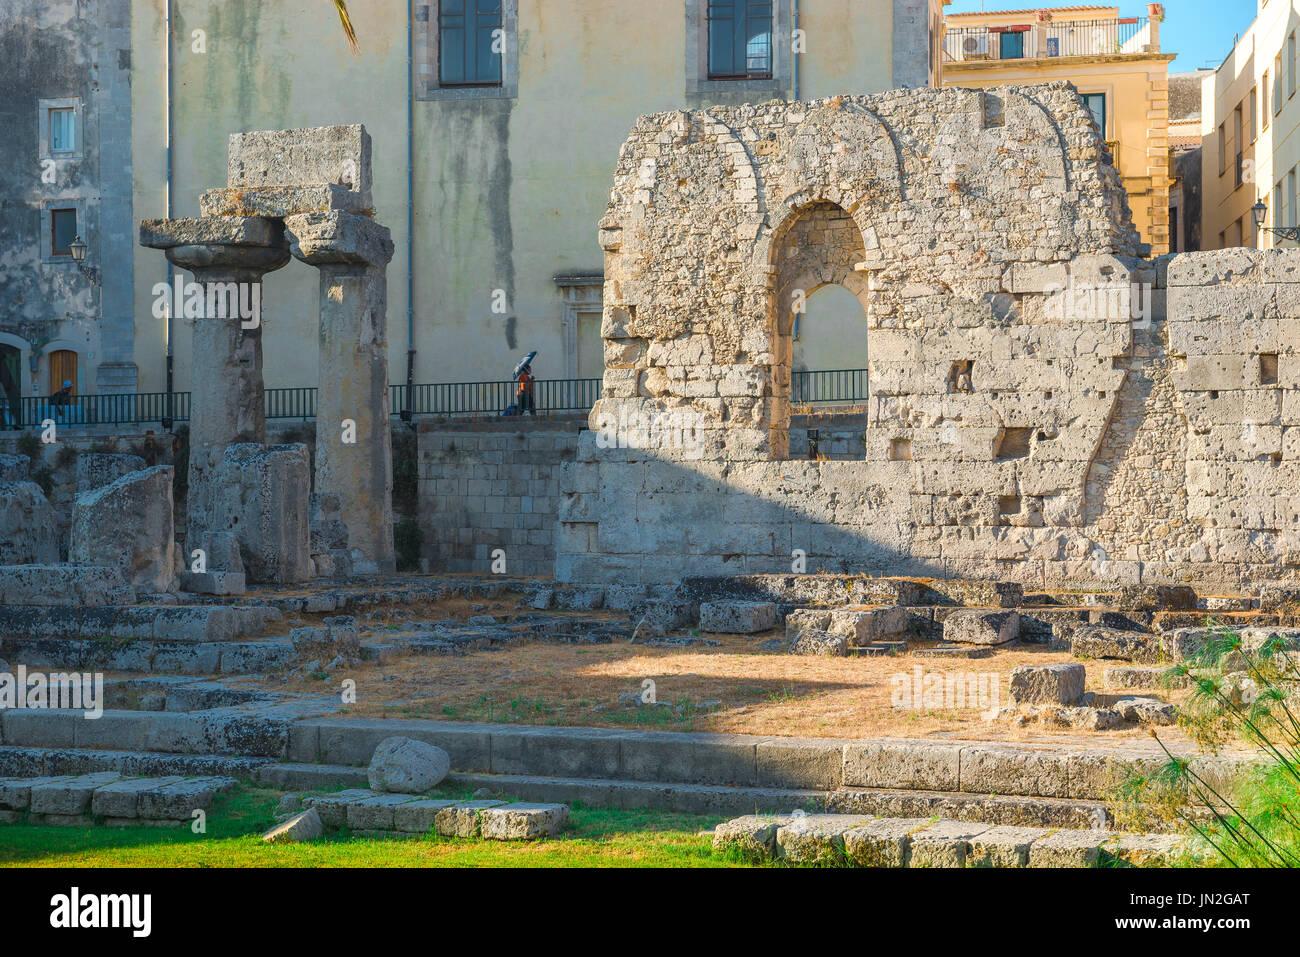 Sicile Ortigia ruines grecques, les ruines de grec ancien temple d'Apollon sur l'île d'Ortigia, Syracuse, Sicile. Photo Stock